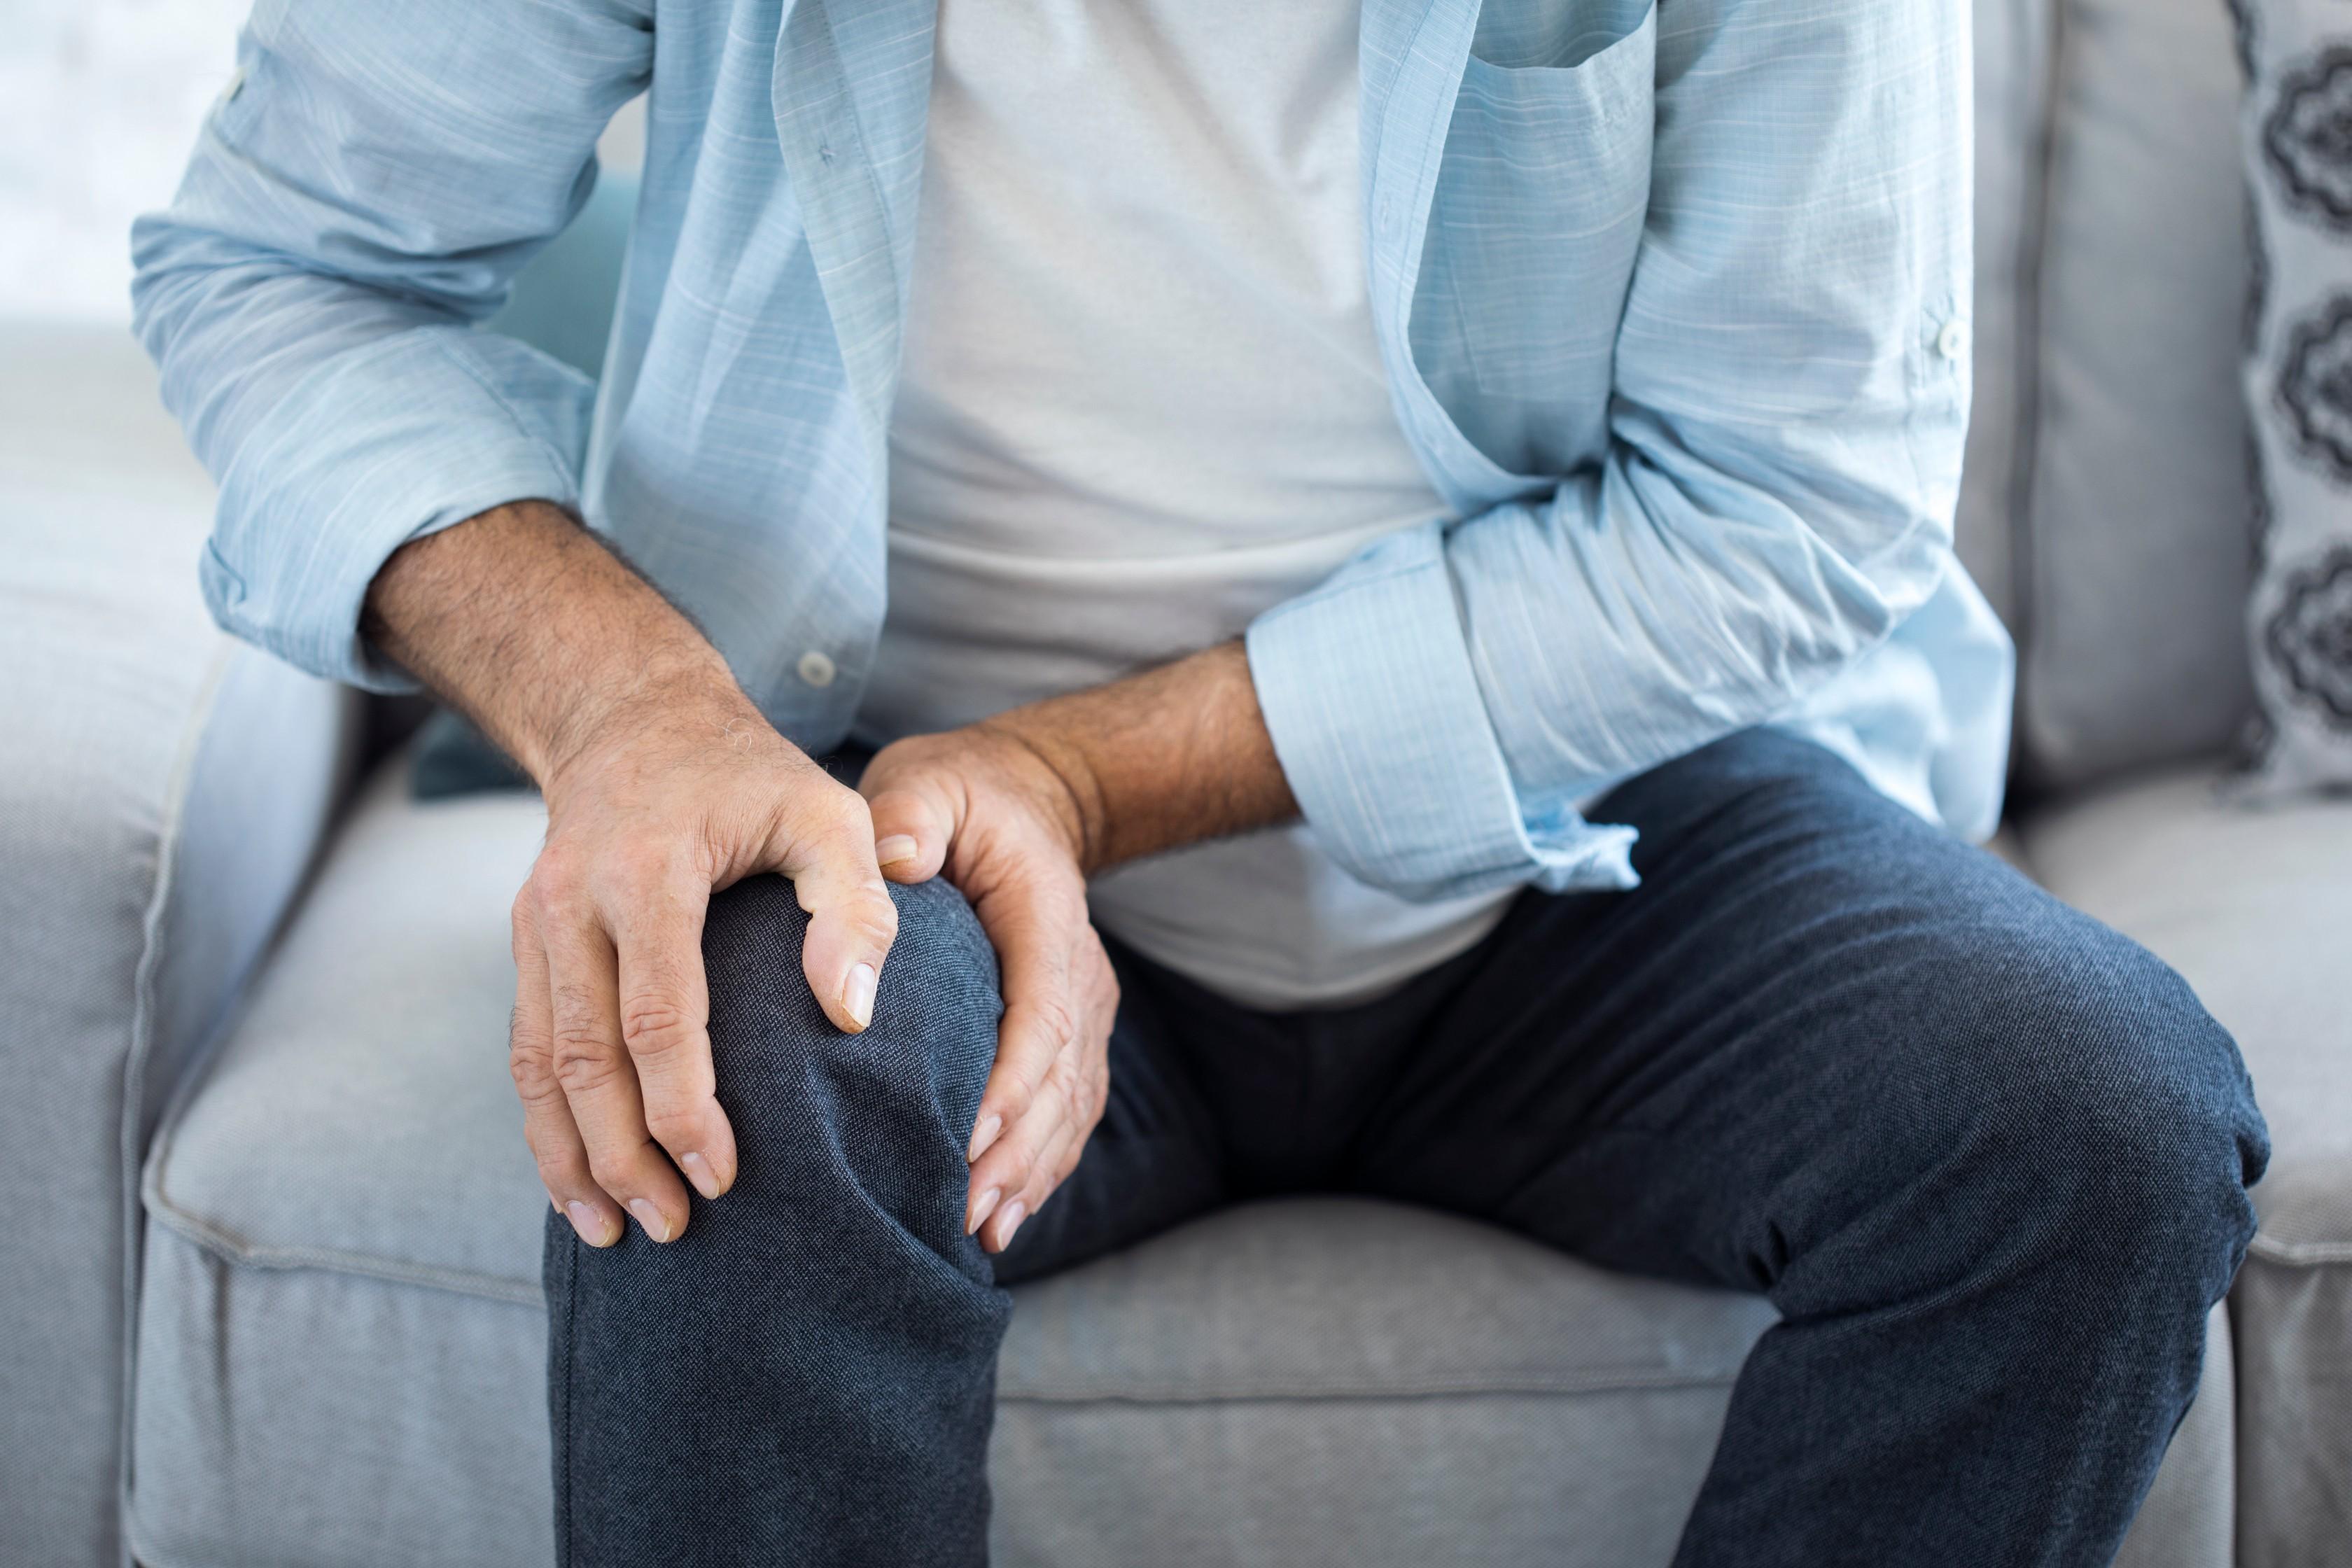 hogyan kell szedni az ibuprofént ízületi fájdalmak esetén porc regenerációs segédeszközök